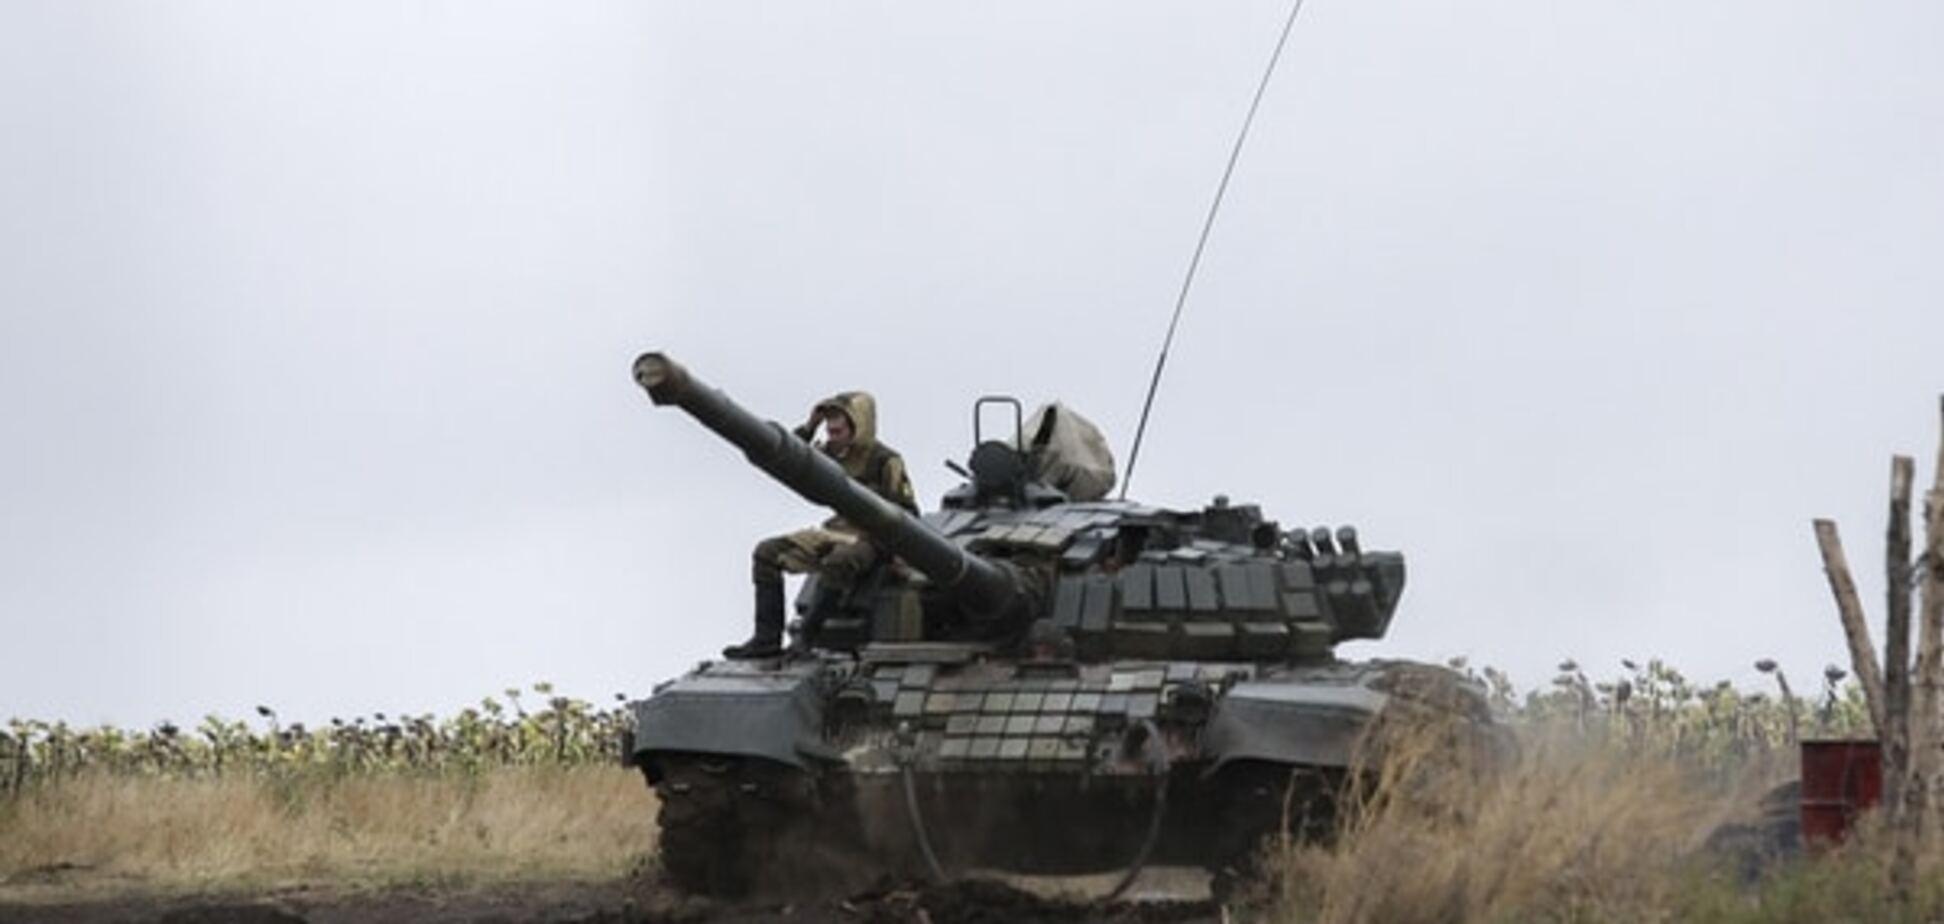 Росія розпочала анексію Білорусі - історик